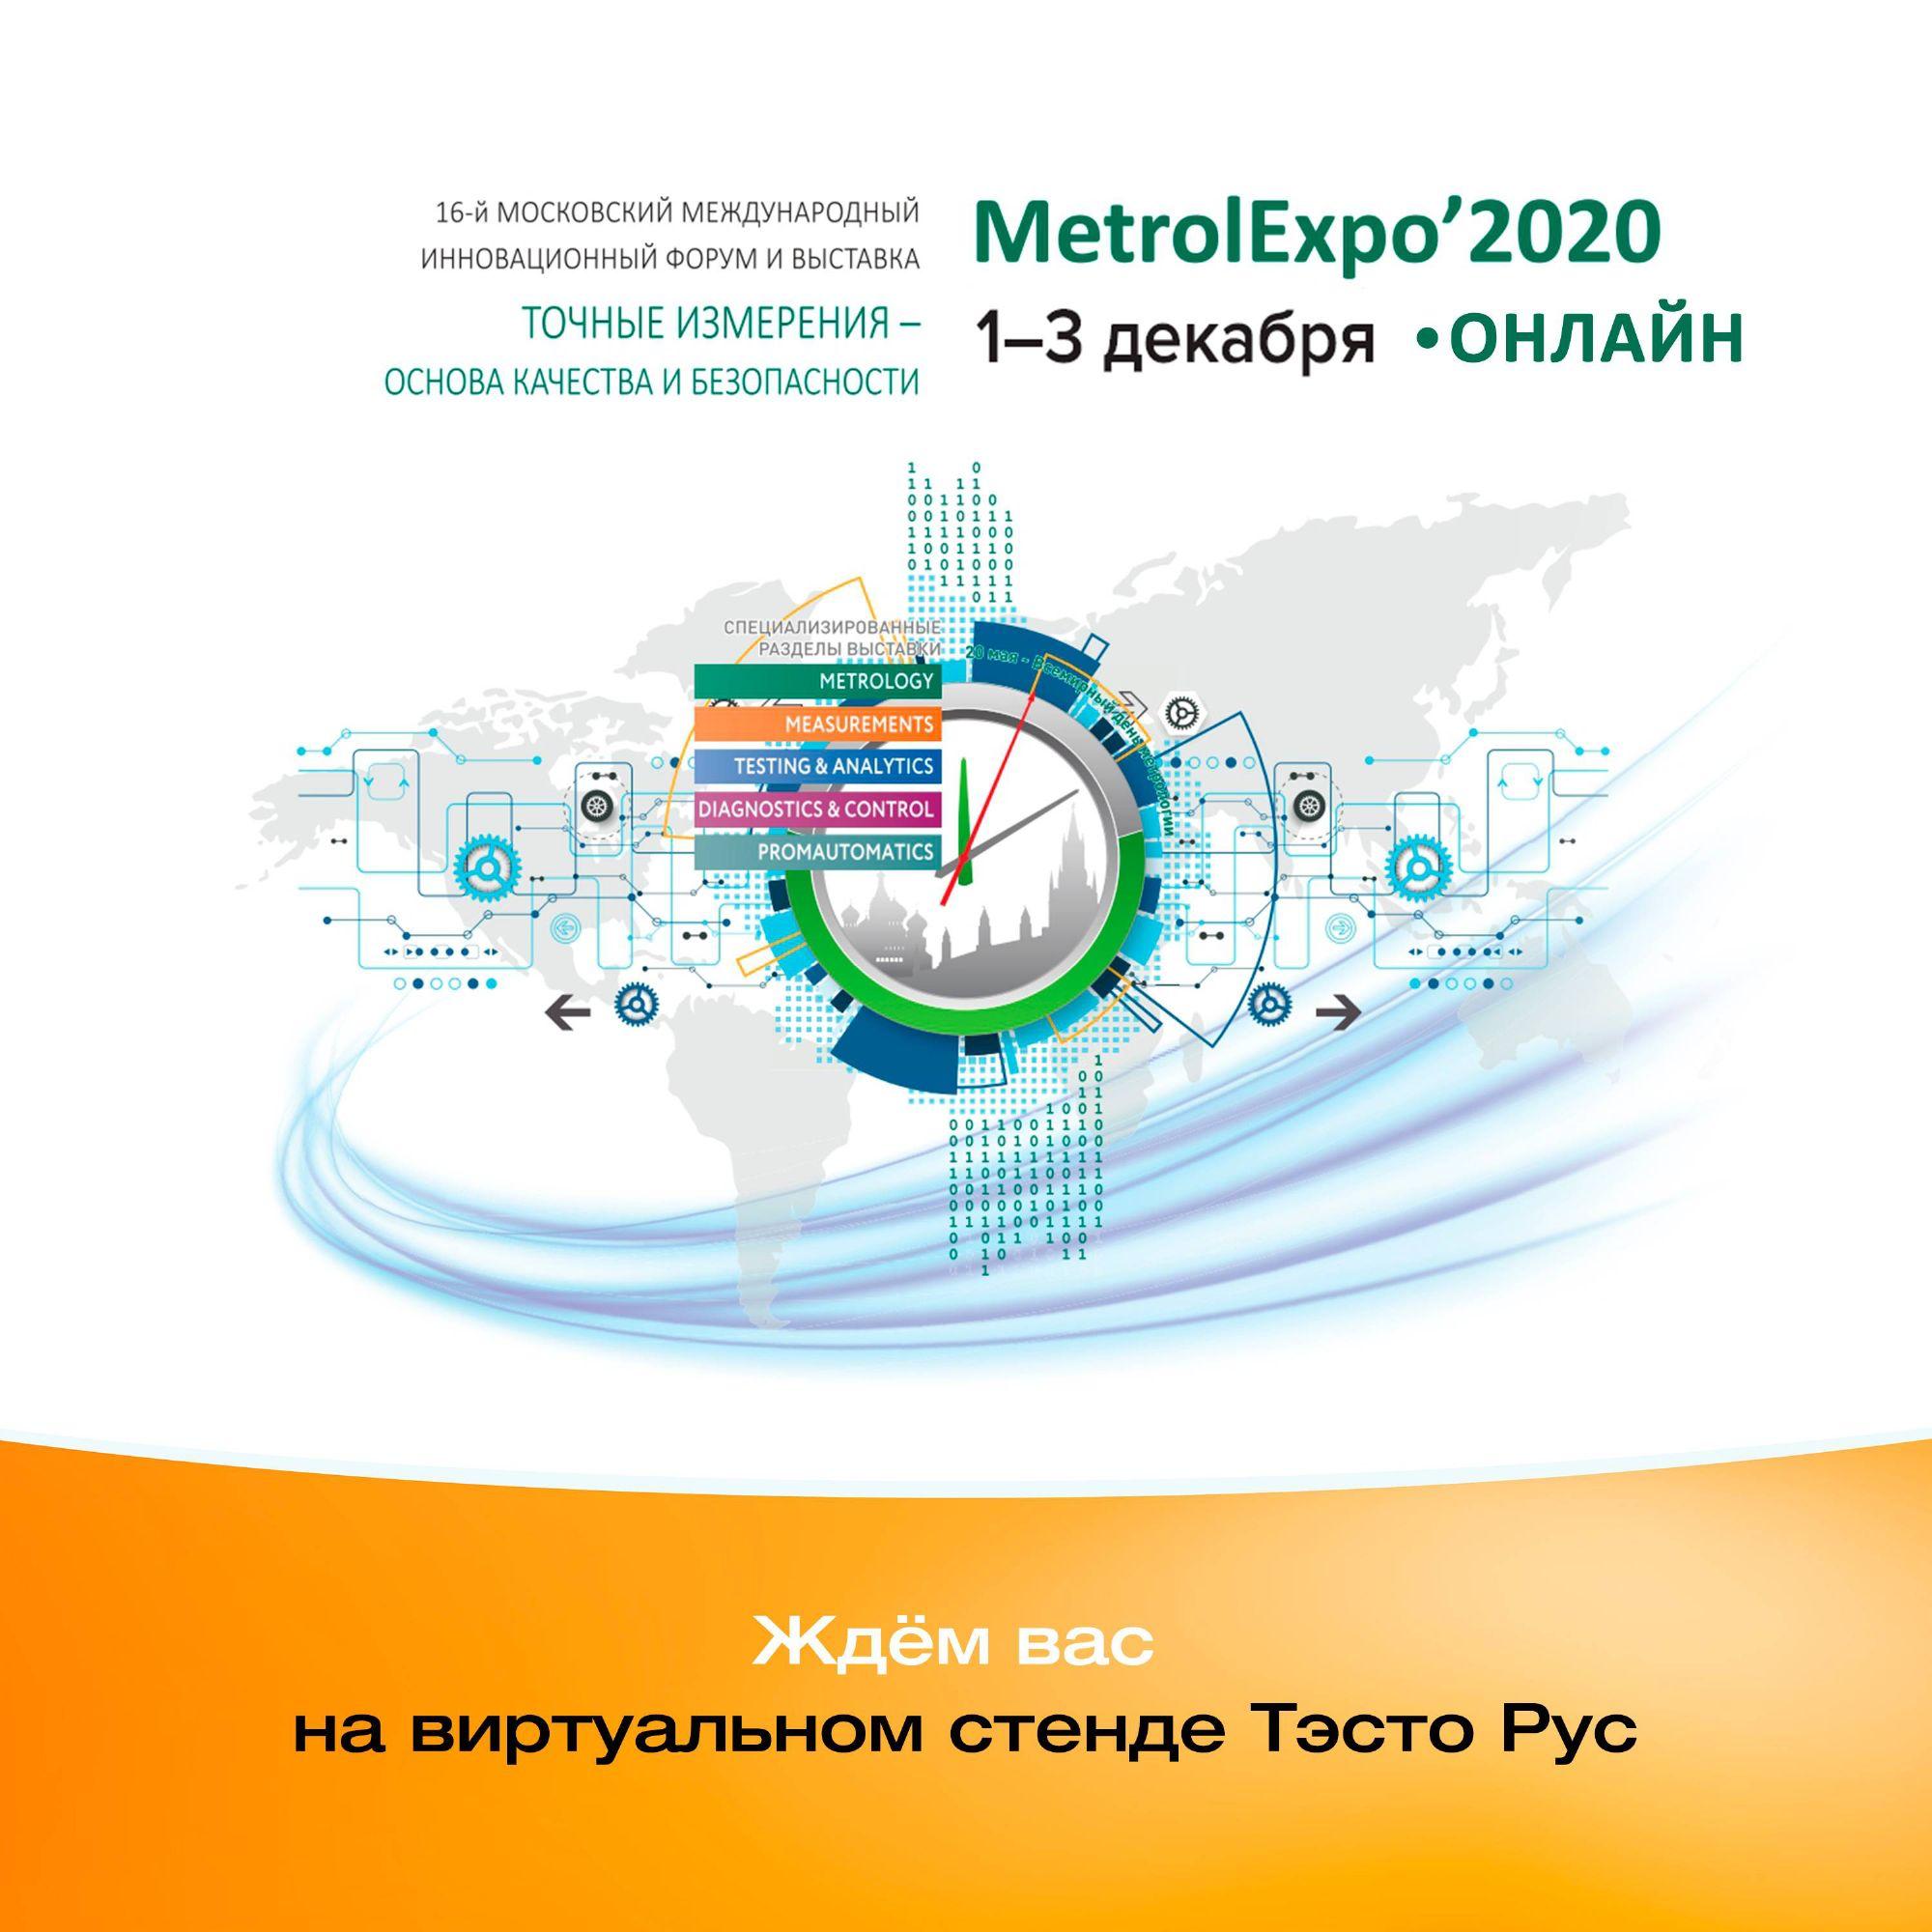 metrologiya-2020-foto-dlya-anonsa.jpg